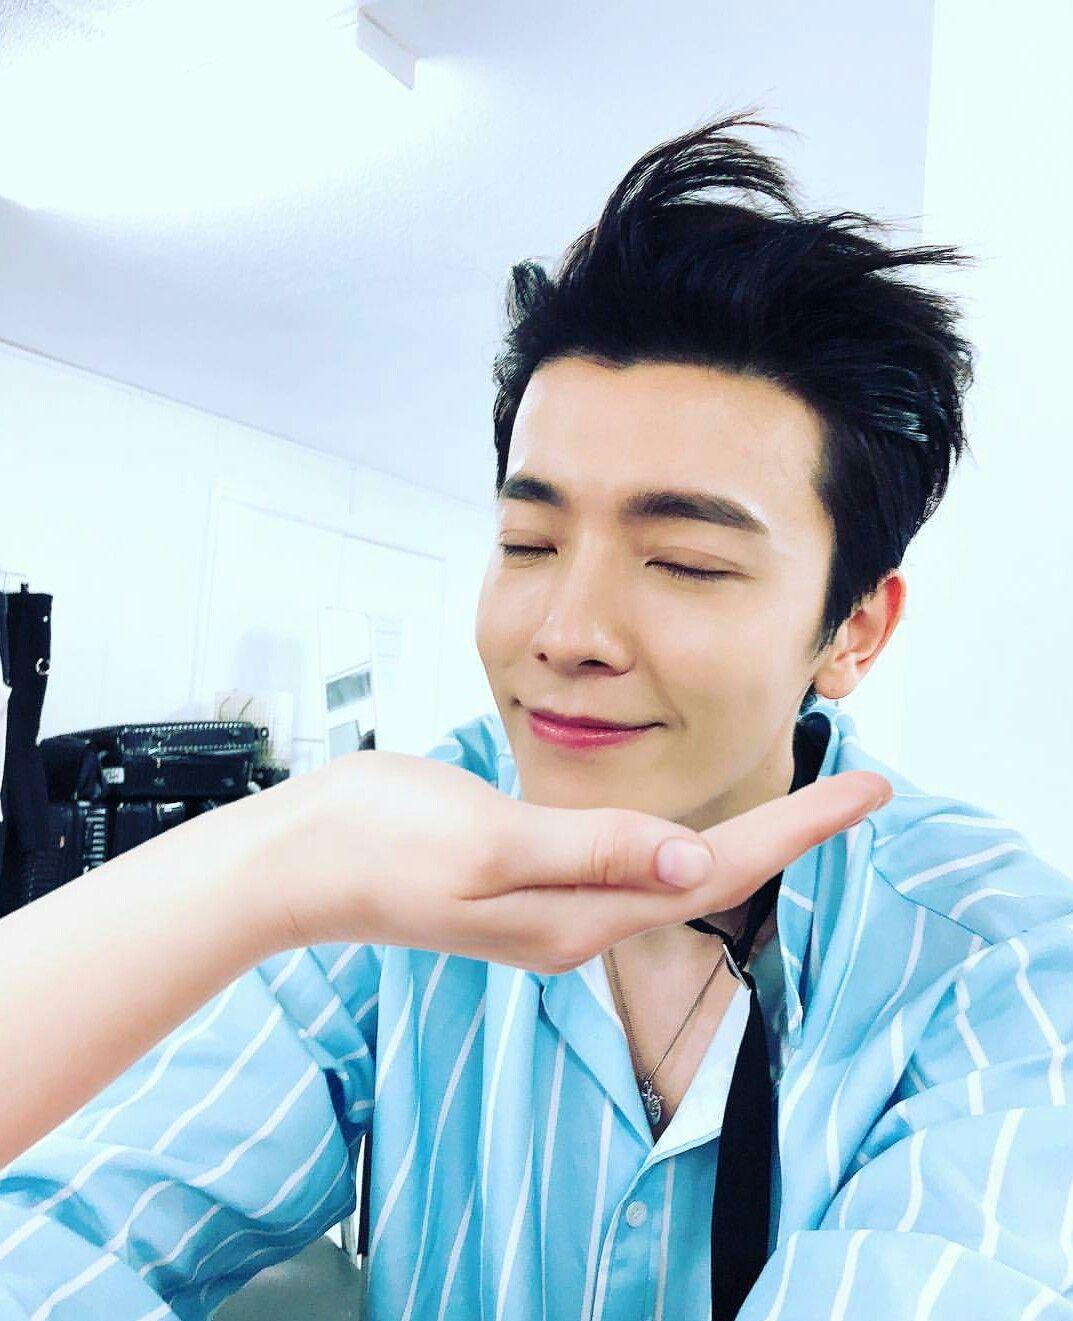 Shindong S Ig Update Shindong Donghae Dh Leedonghae Cute Superjunior ̊ˆí¼ì£¼ë‹ˆì–´ ̝´ë™í•´ ˏ™í•´ Ê·€ì—¬ì›Œ Super Junior Chicos Guapos Donghae